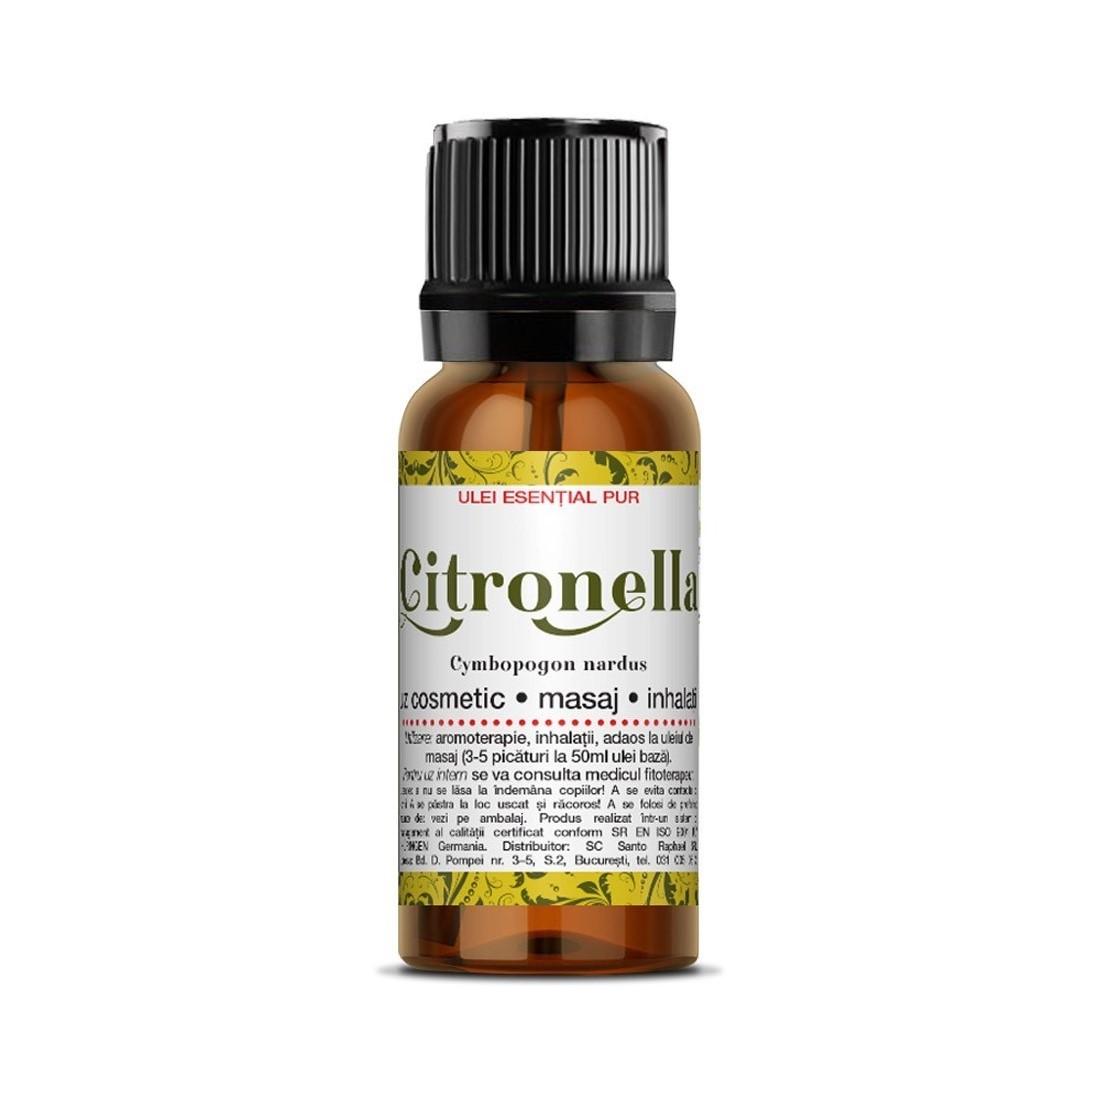 tratamentul comun al uleiului de brad care sunt curele pentru artroza articulației șoldului